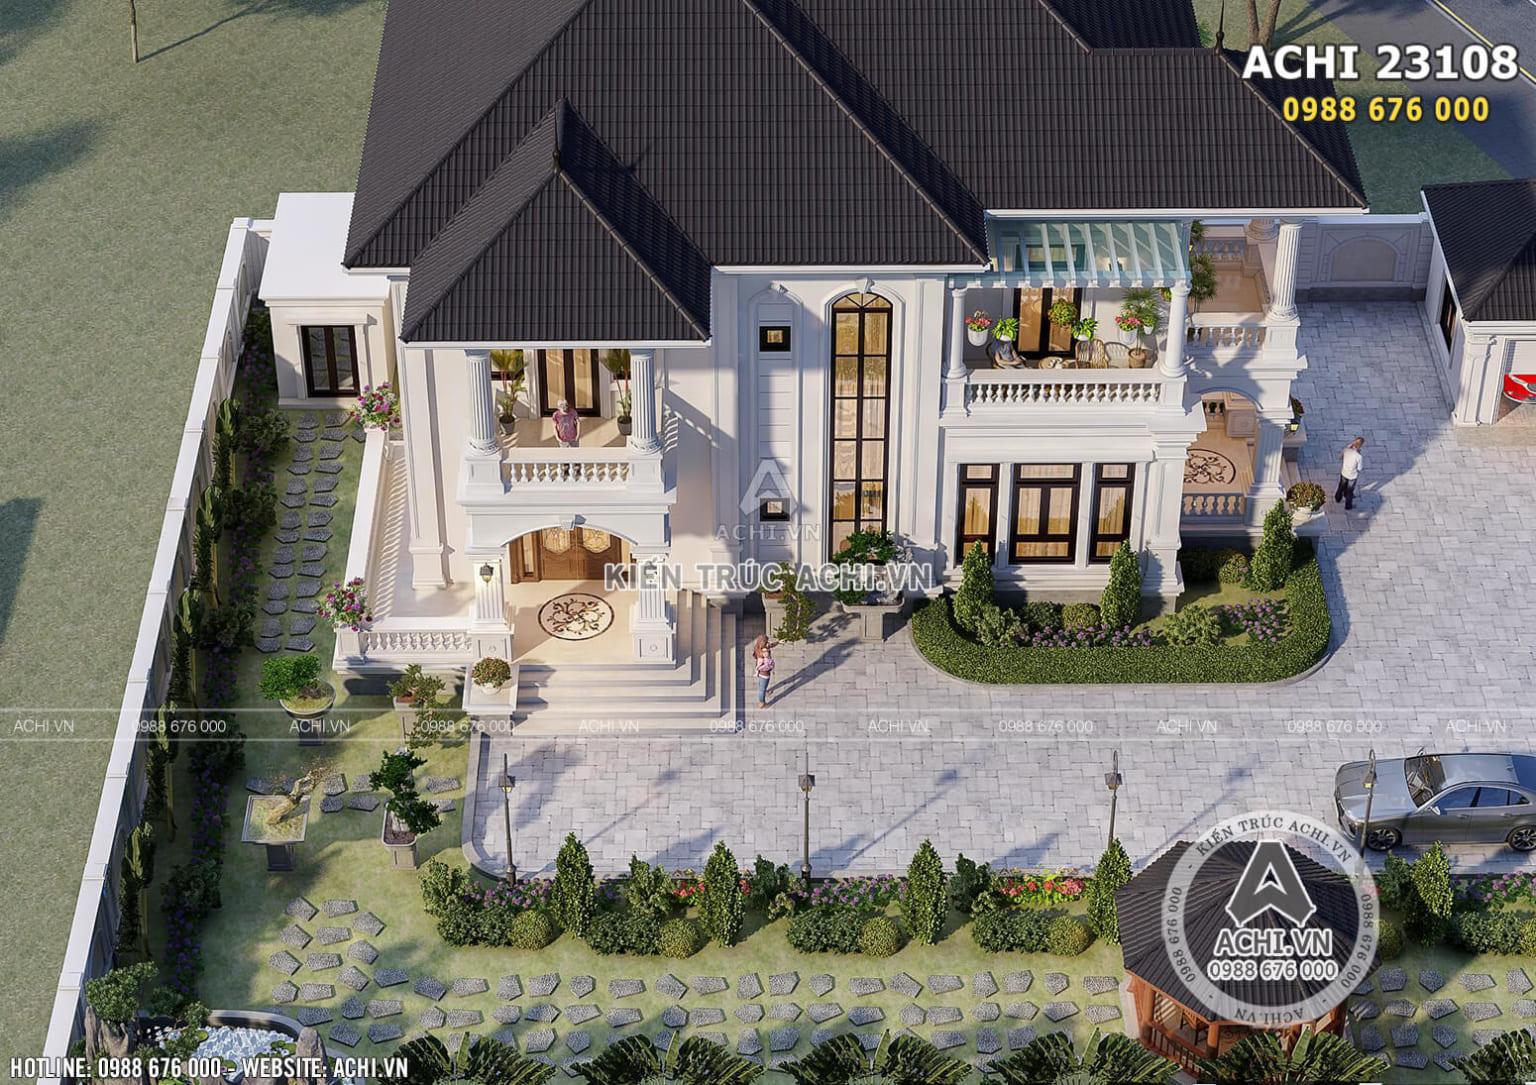 Hình ảnh: Không gian sân vườn của mẫu nhà mái thái– ACHI 23108